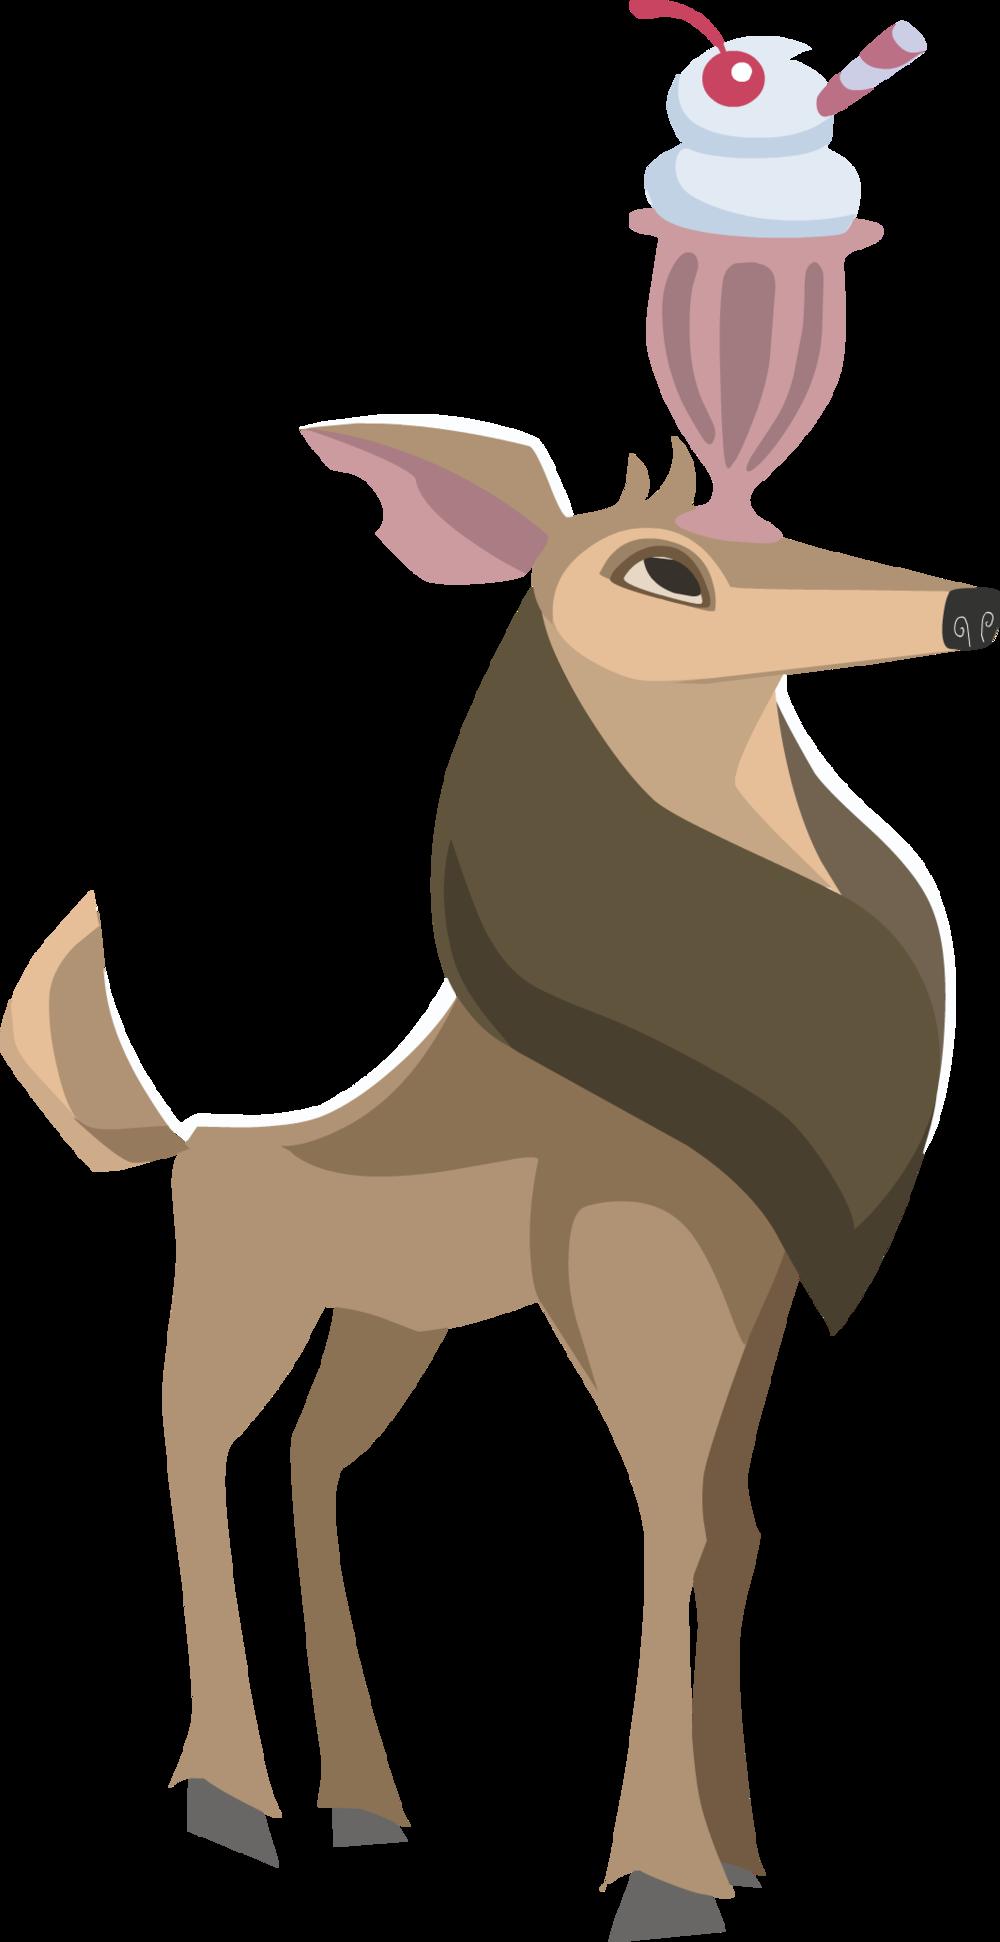 Image of: Png Deerpng Animal Jam Archives Deer Animal Jam Archives